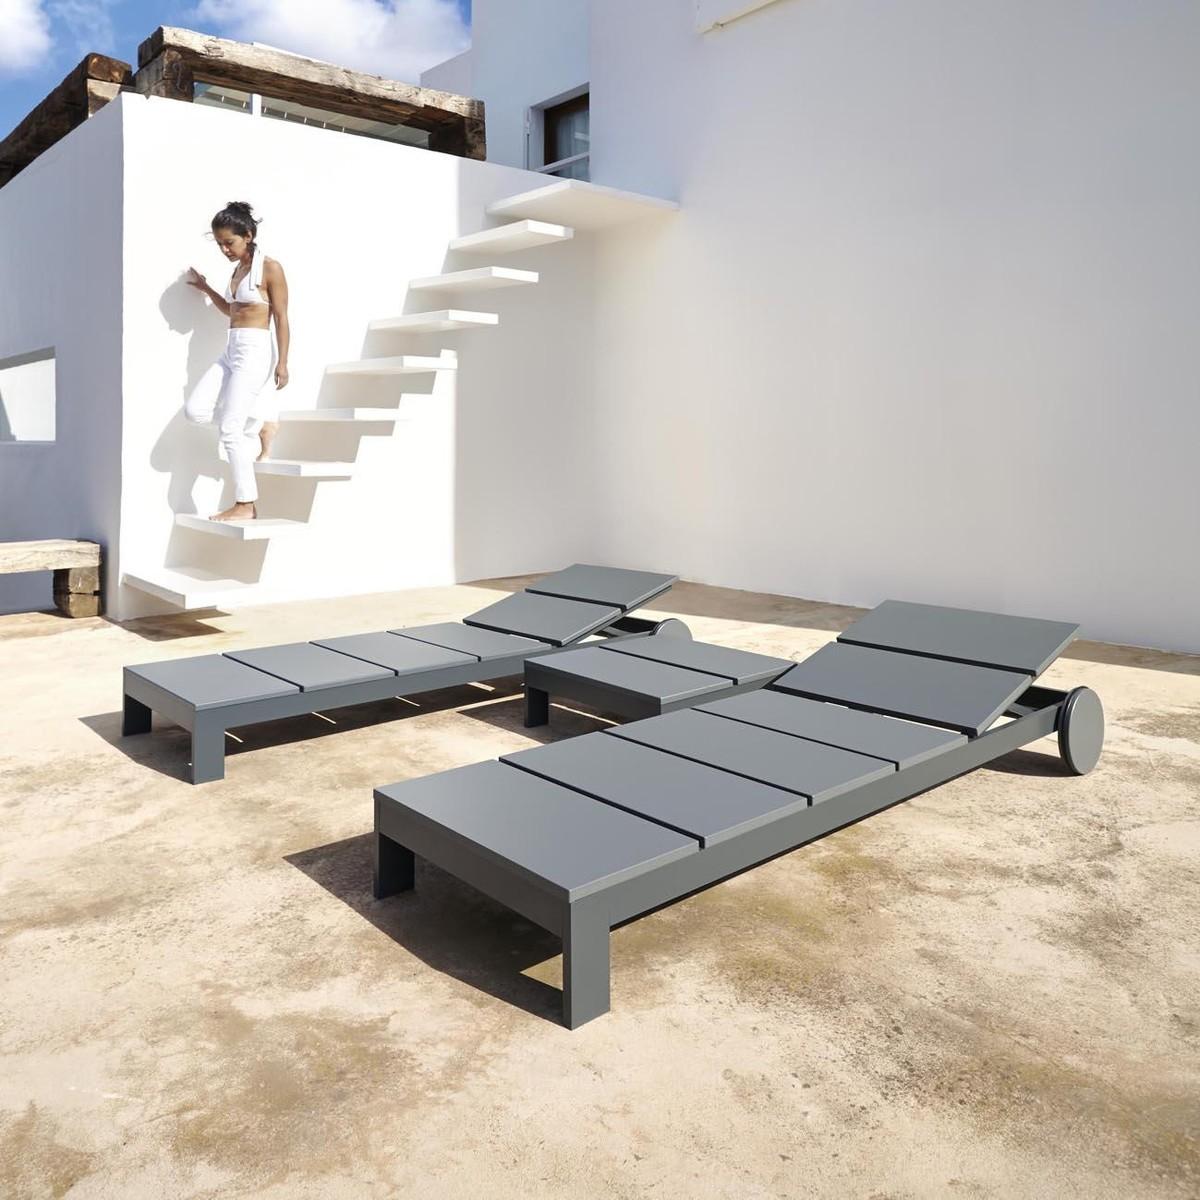 na xemena liege mit rollen gandia blasco sonnenliegen gartenm bel outdoor. Black Bedroom Furniture Sets. Home Design Ideas